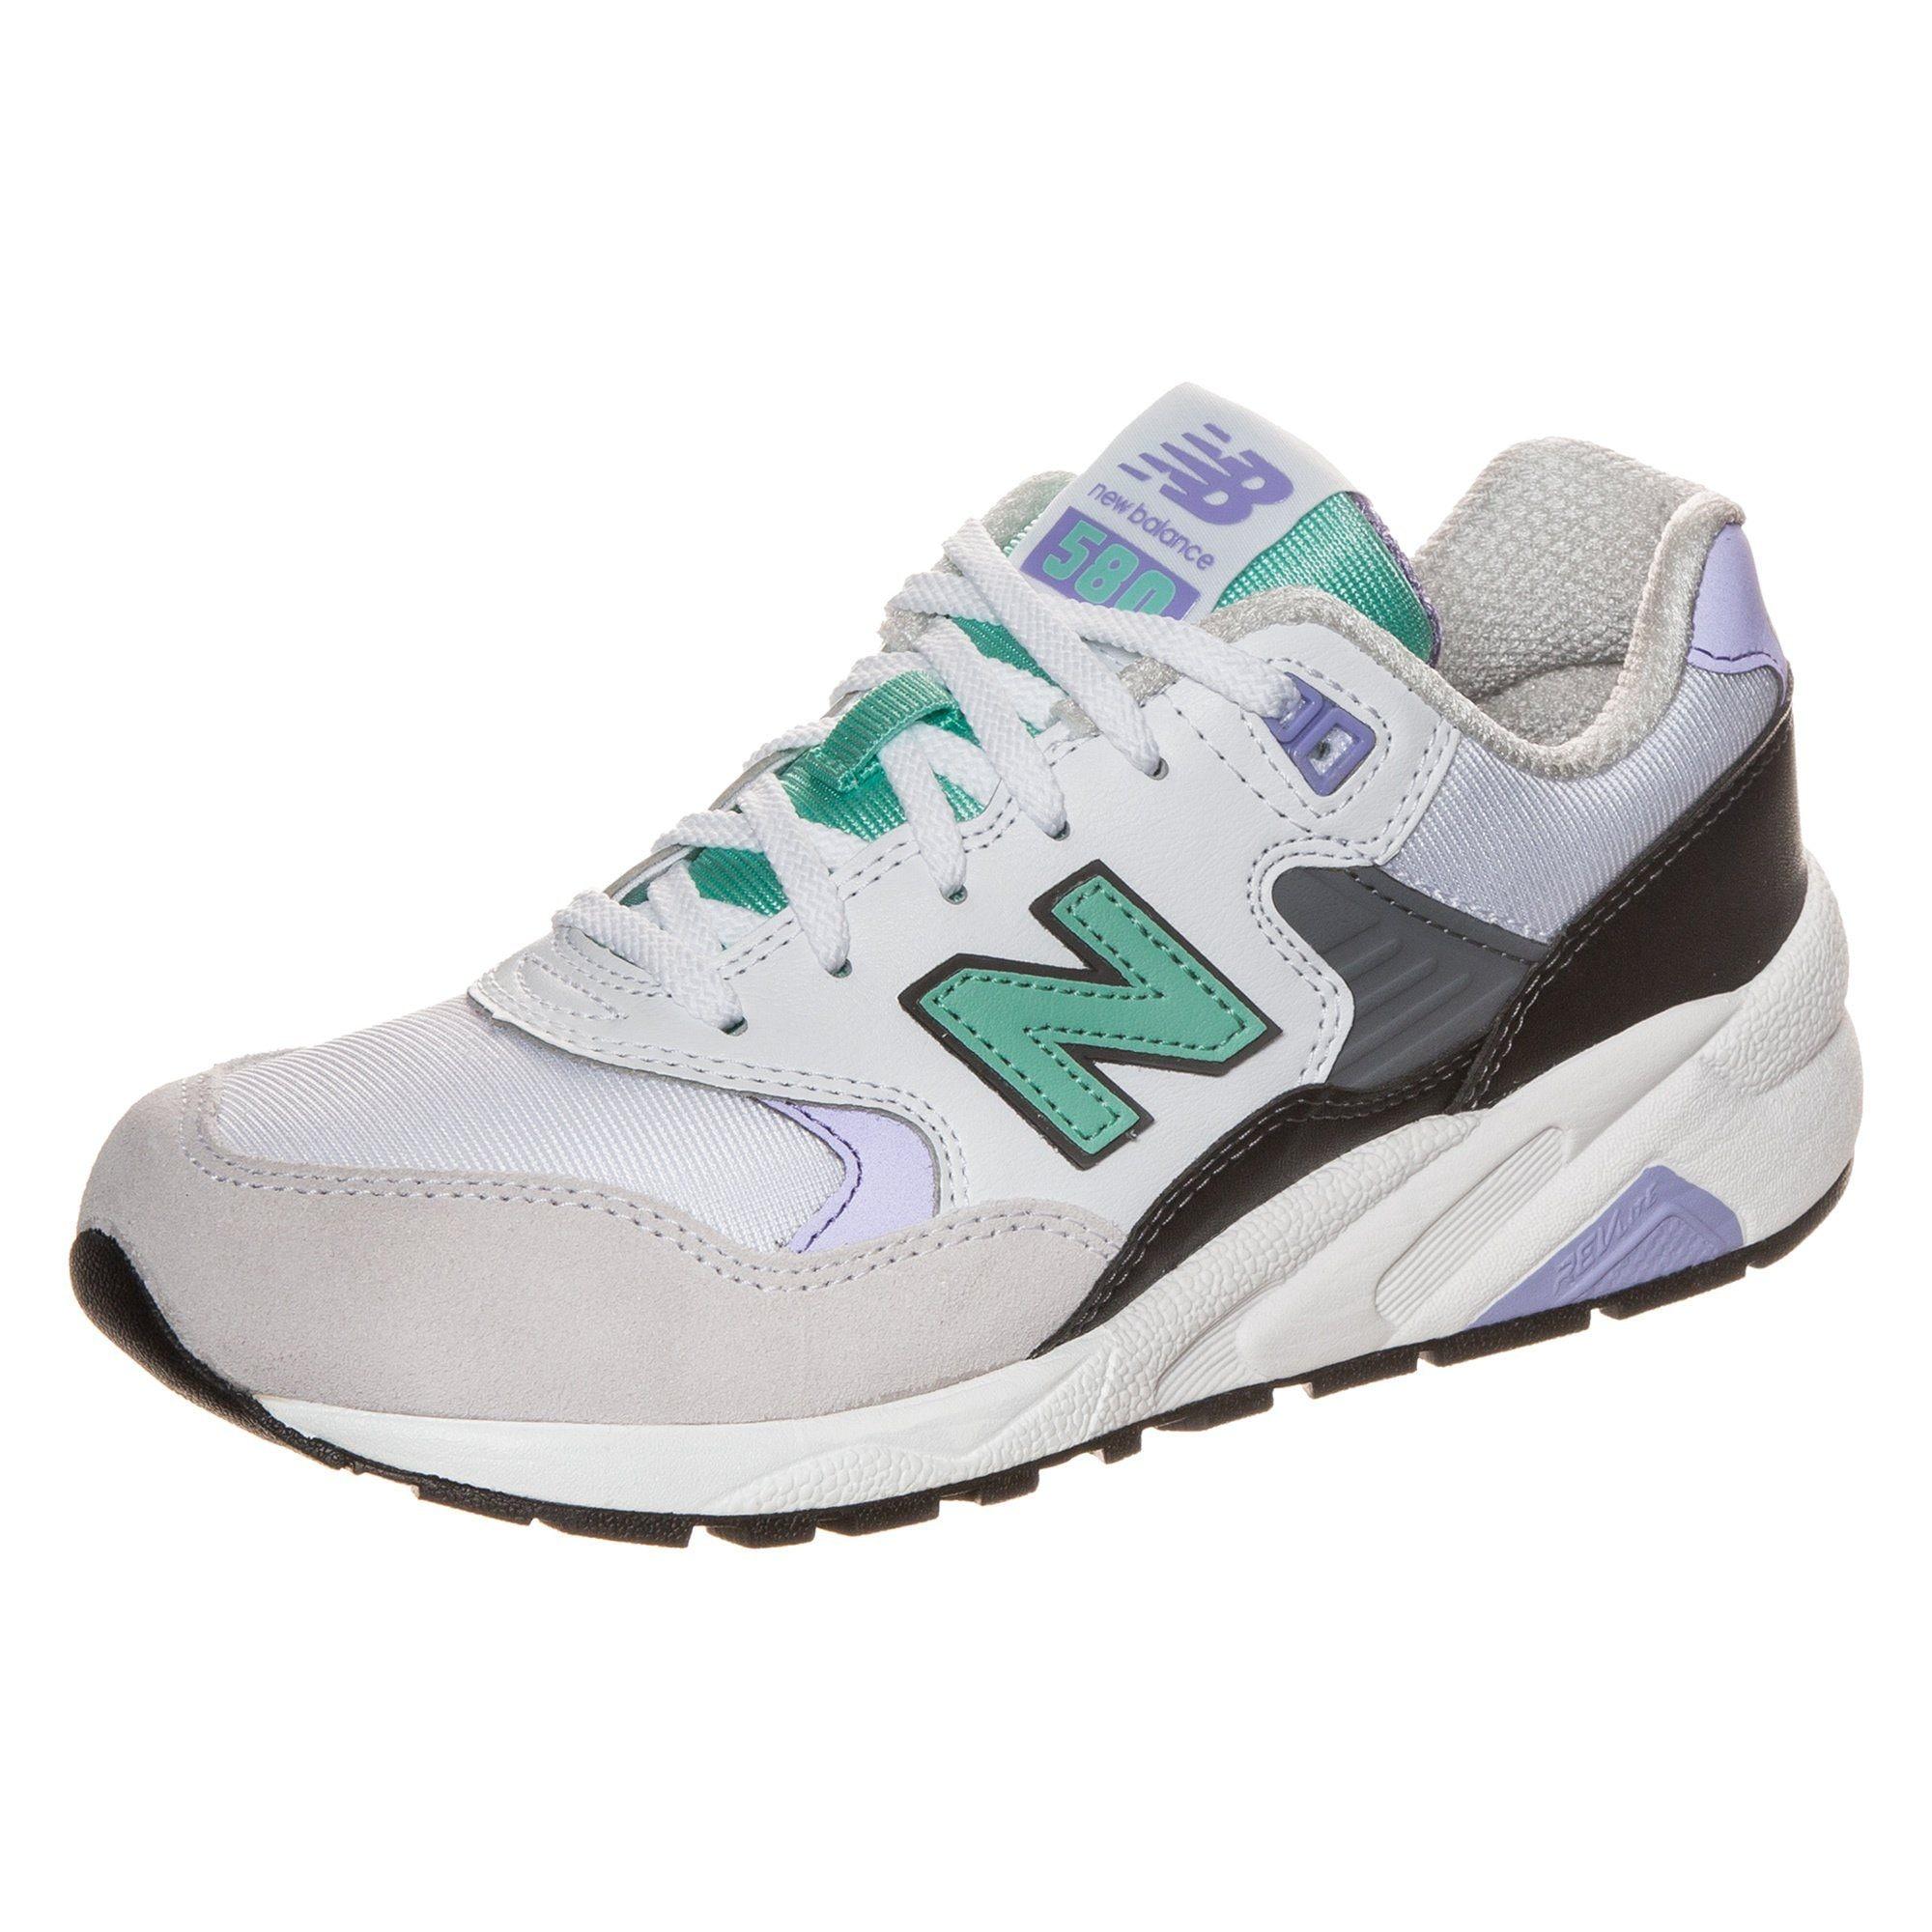 New Balance WRT580-PB-B Sneaker Damen per Rechnung | BAUR